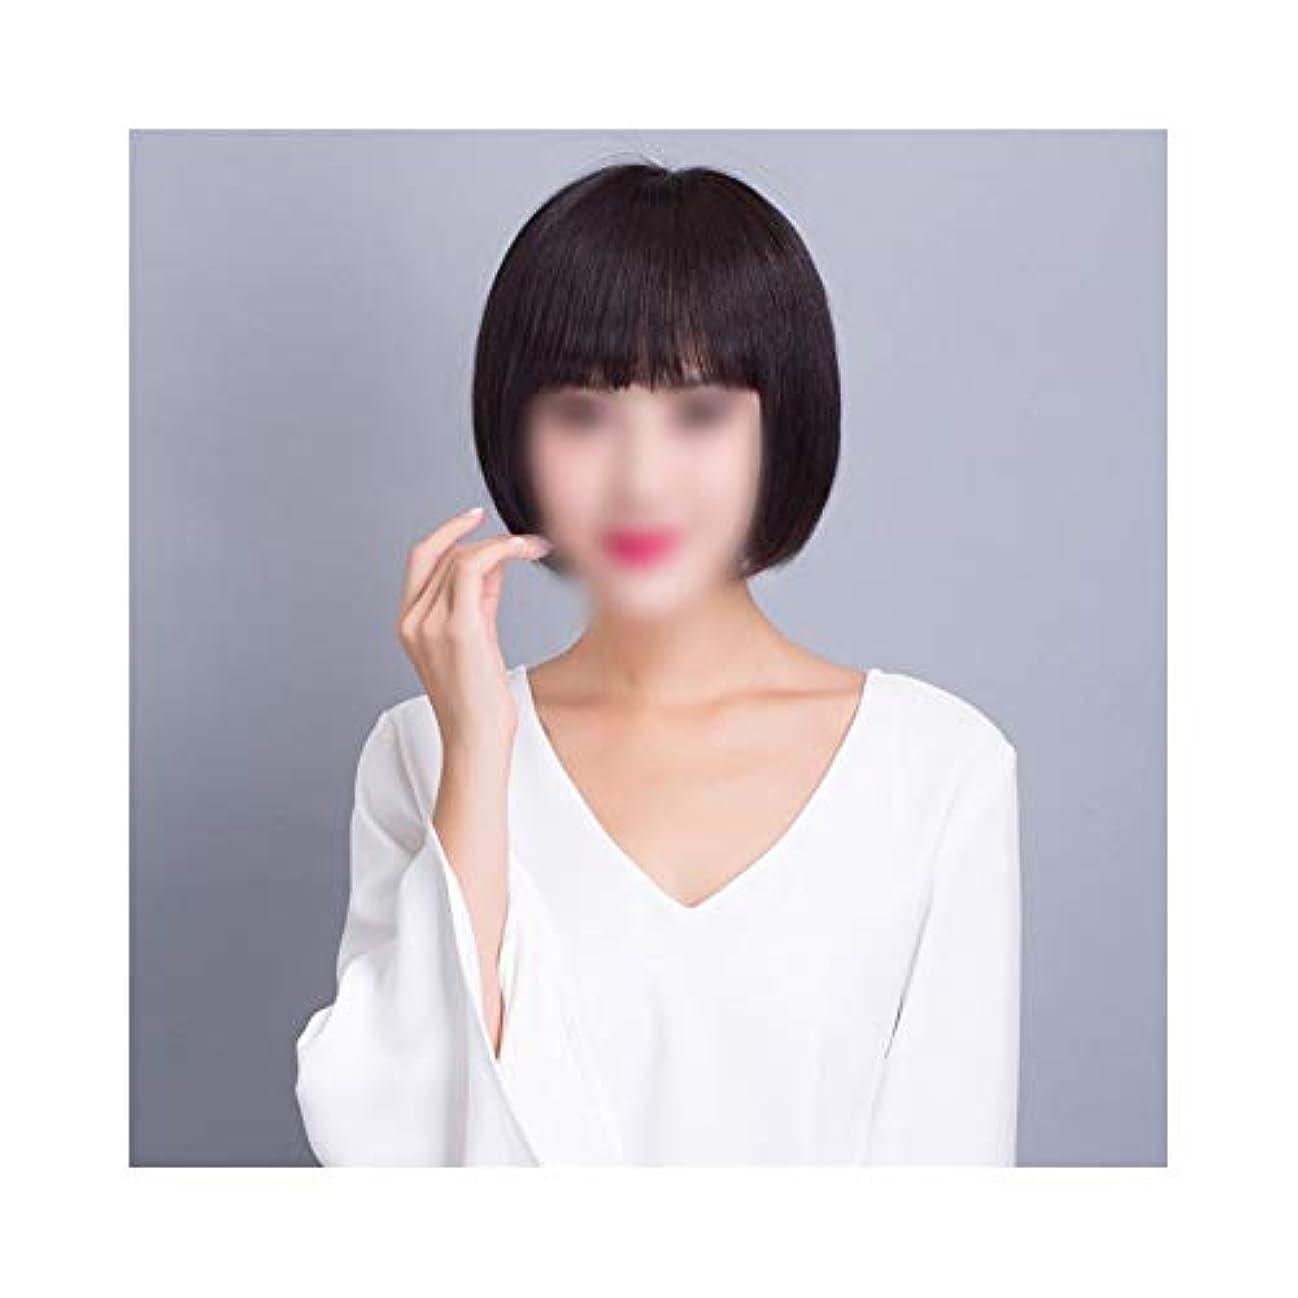 陽気な病気分が良いYOUQIU 女子ショートボブウィッグハンサムショートストレートヘアナチュラル現実的なふわふわ手織りウィッグウィッグ (色 : 黒, Design : Mechanism)